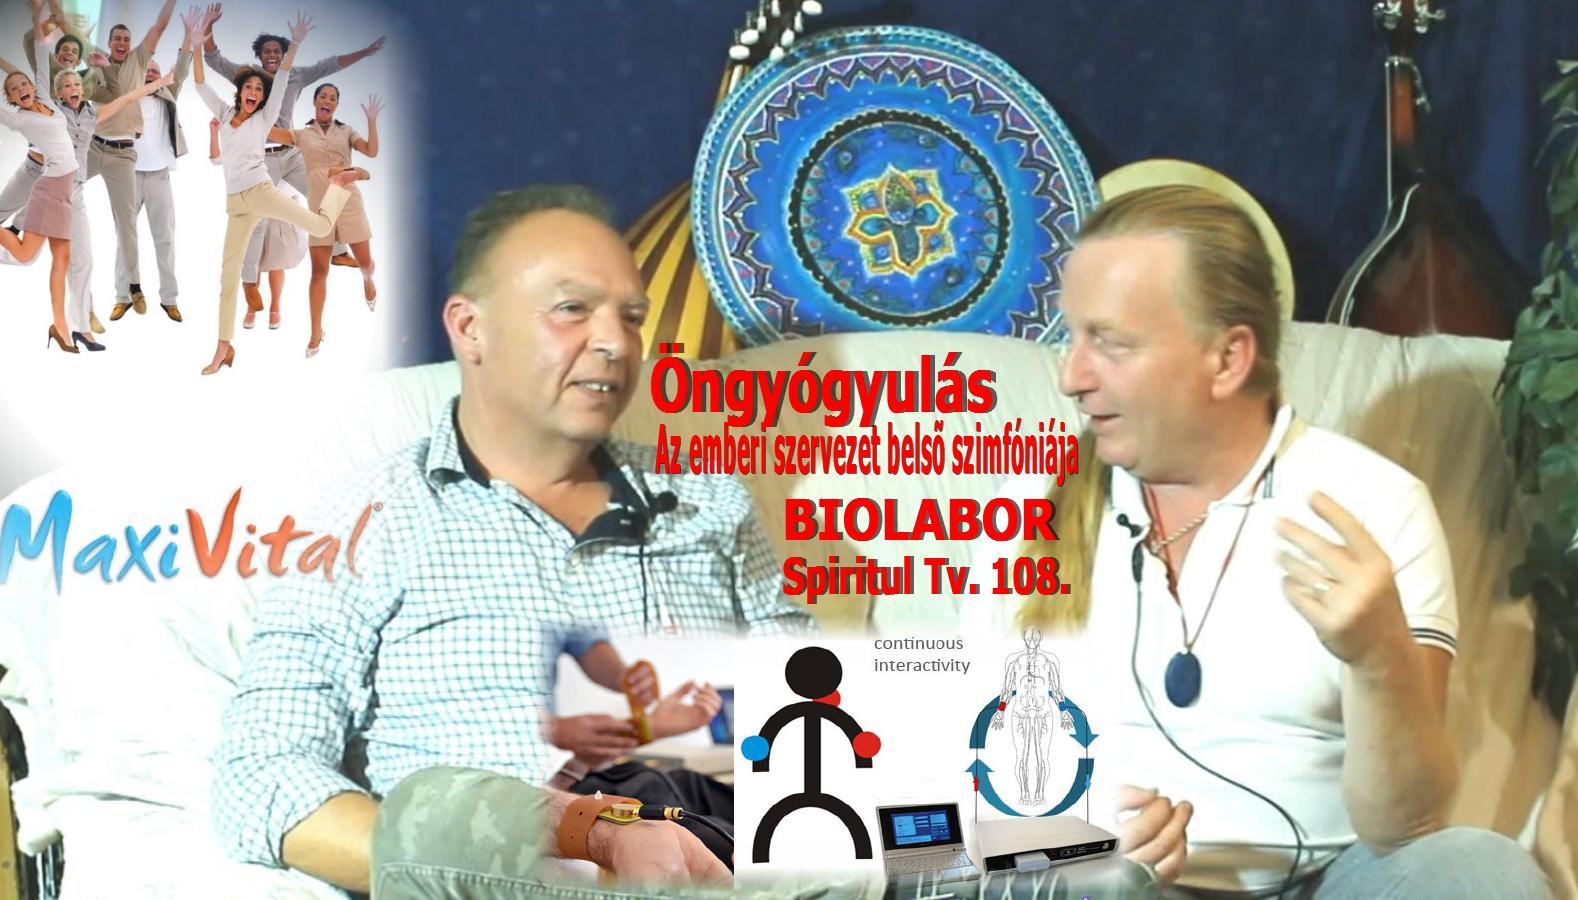 2019.09.25. www.spiritualtv.hu